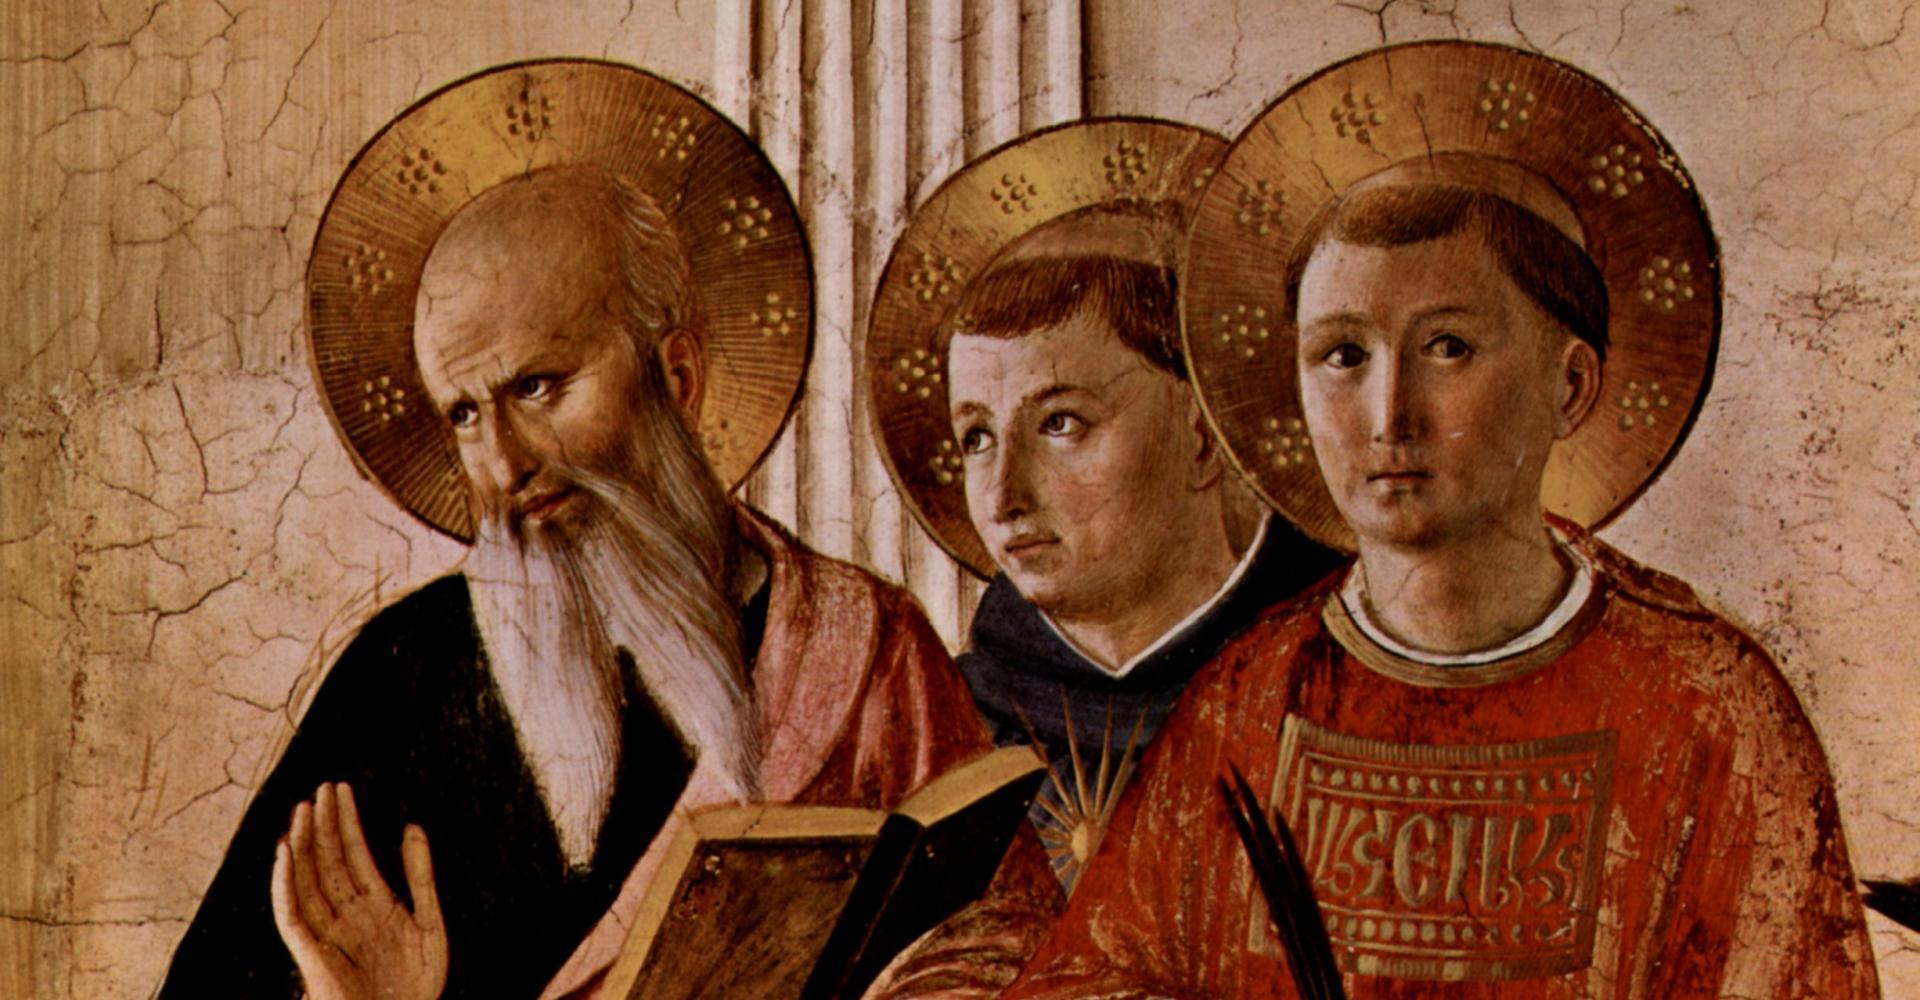 Fra Angelico: Johannes (der Evangelist), Thomas von Aquin, Laurentius (der Märtyrer) – Freskendetail im Dominikanerkloster San Marco Florenz (um 1437–1446) – Museo di San Marco, Florenz